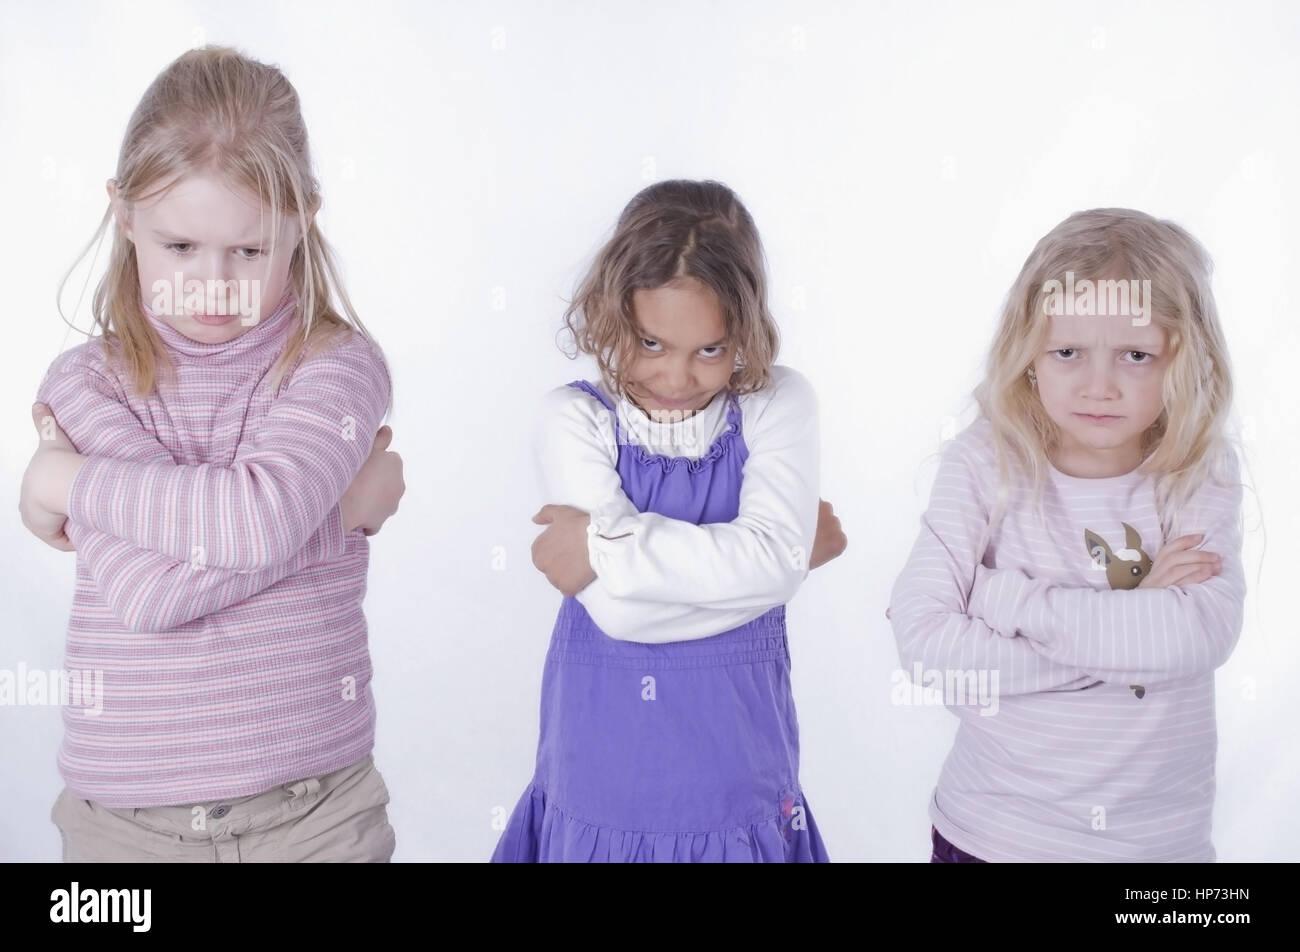 Model released, Drei Maedchen, 6 bis 7, mit verschraenkten Armen - three girls with folded arms Stock Photo